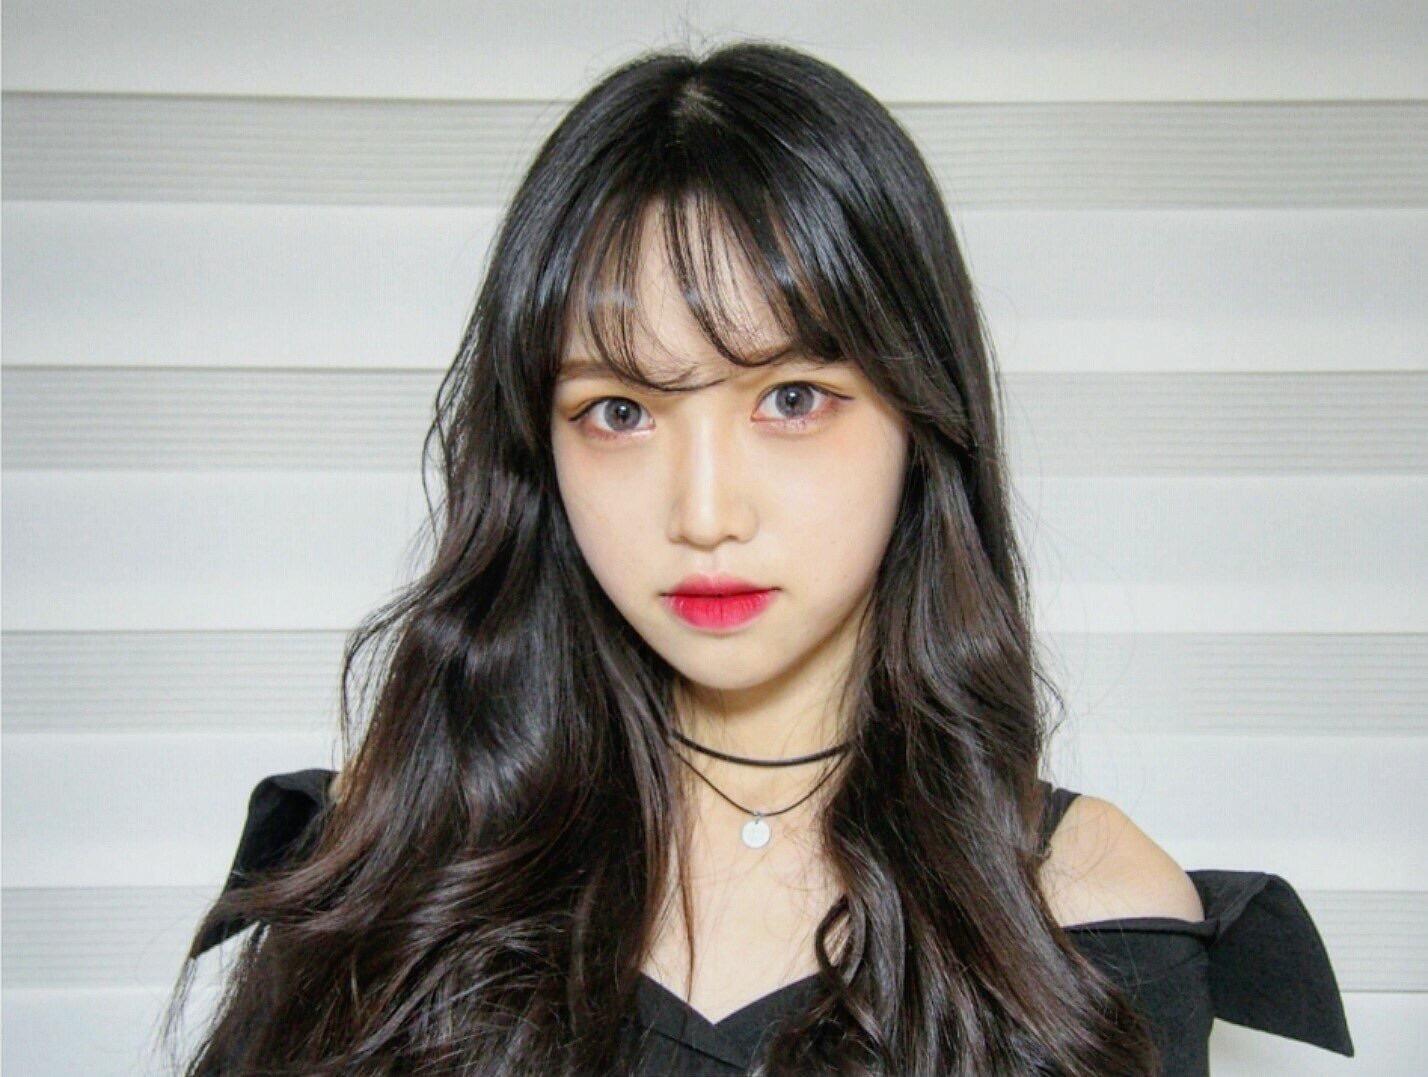 韓国で流行りのヘアアレンジで韓国人っぽくなりたい♡